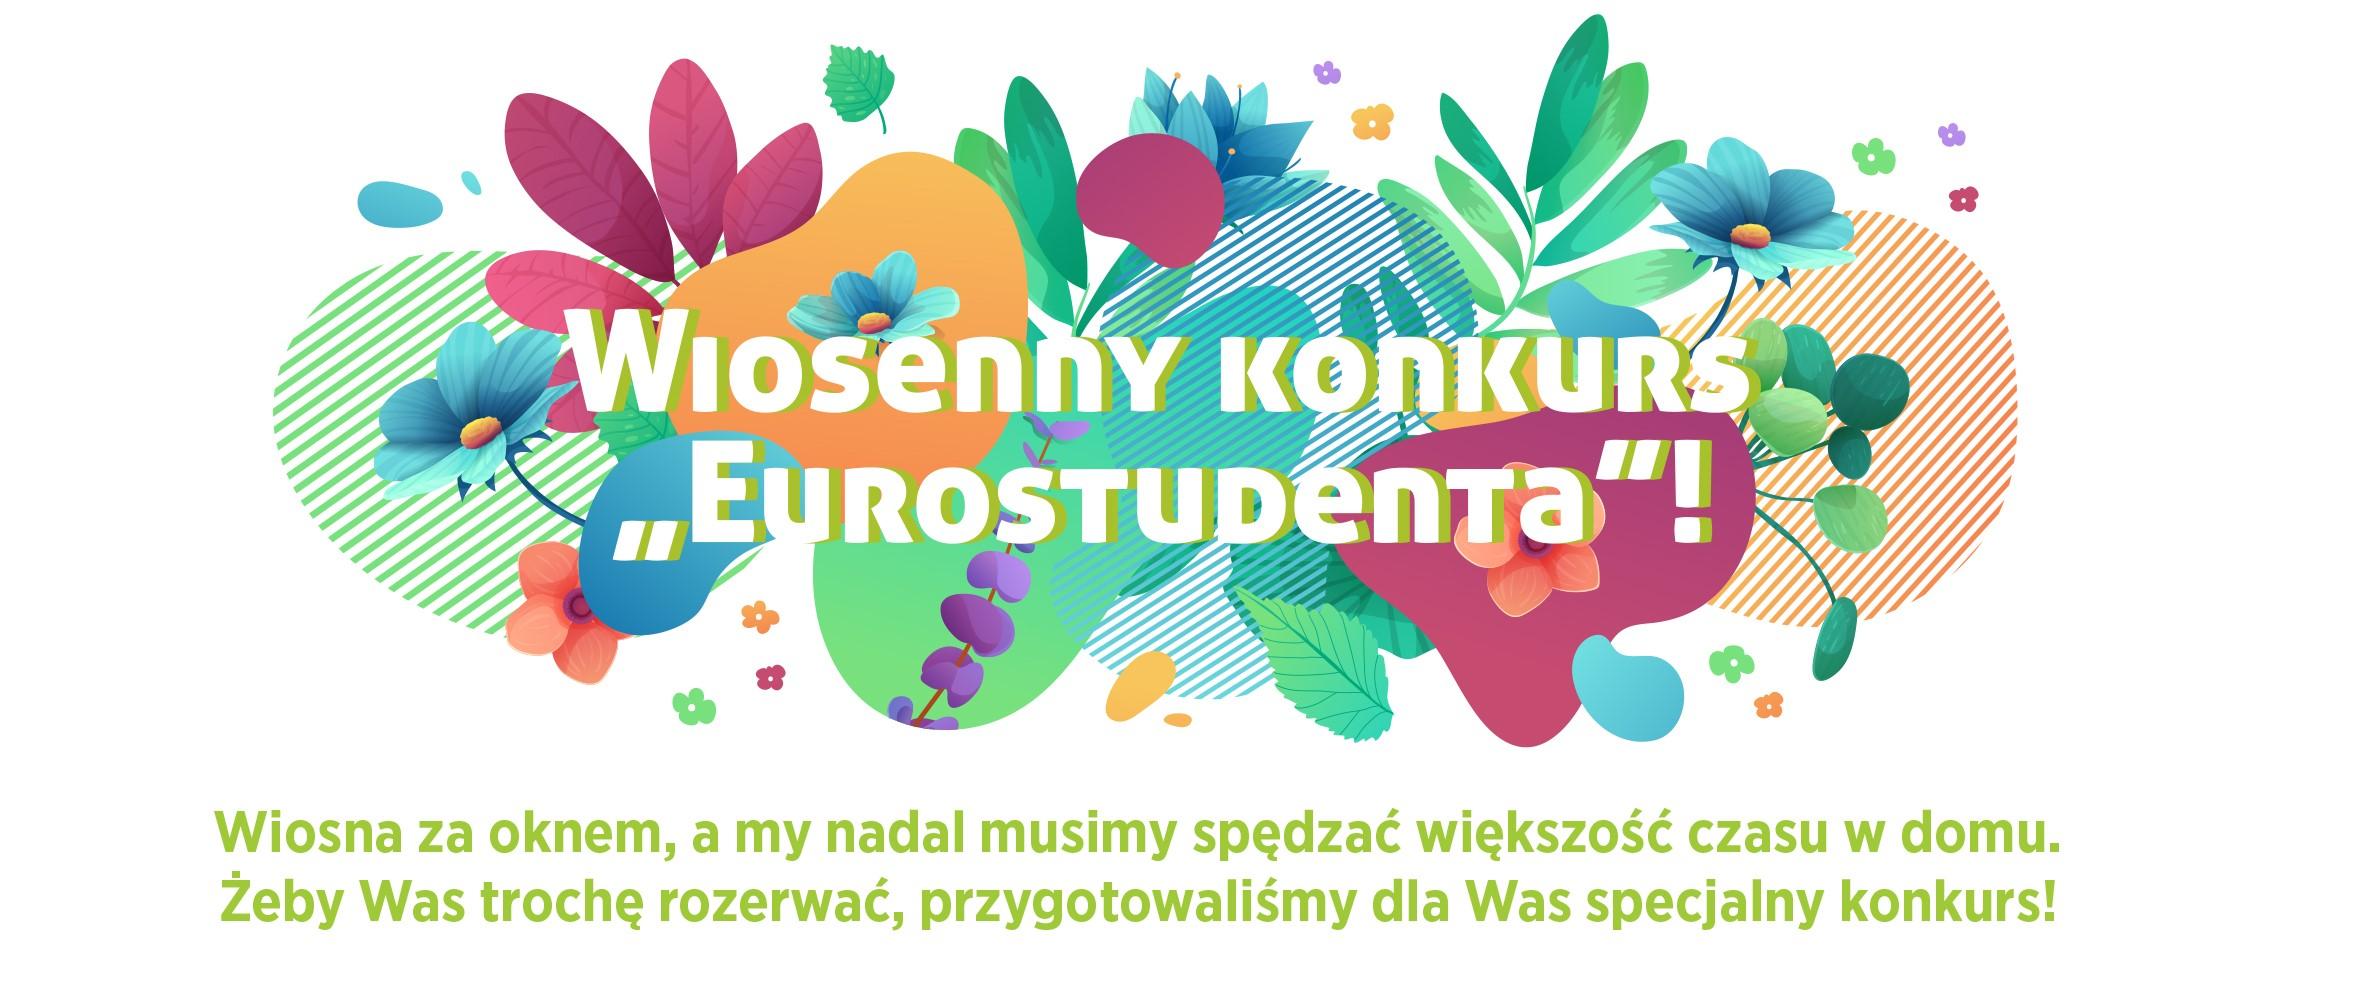 """Wiosenny konkurs """"Eurostudenta""""!"""